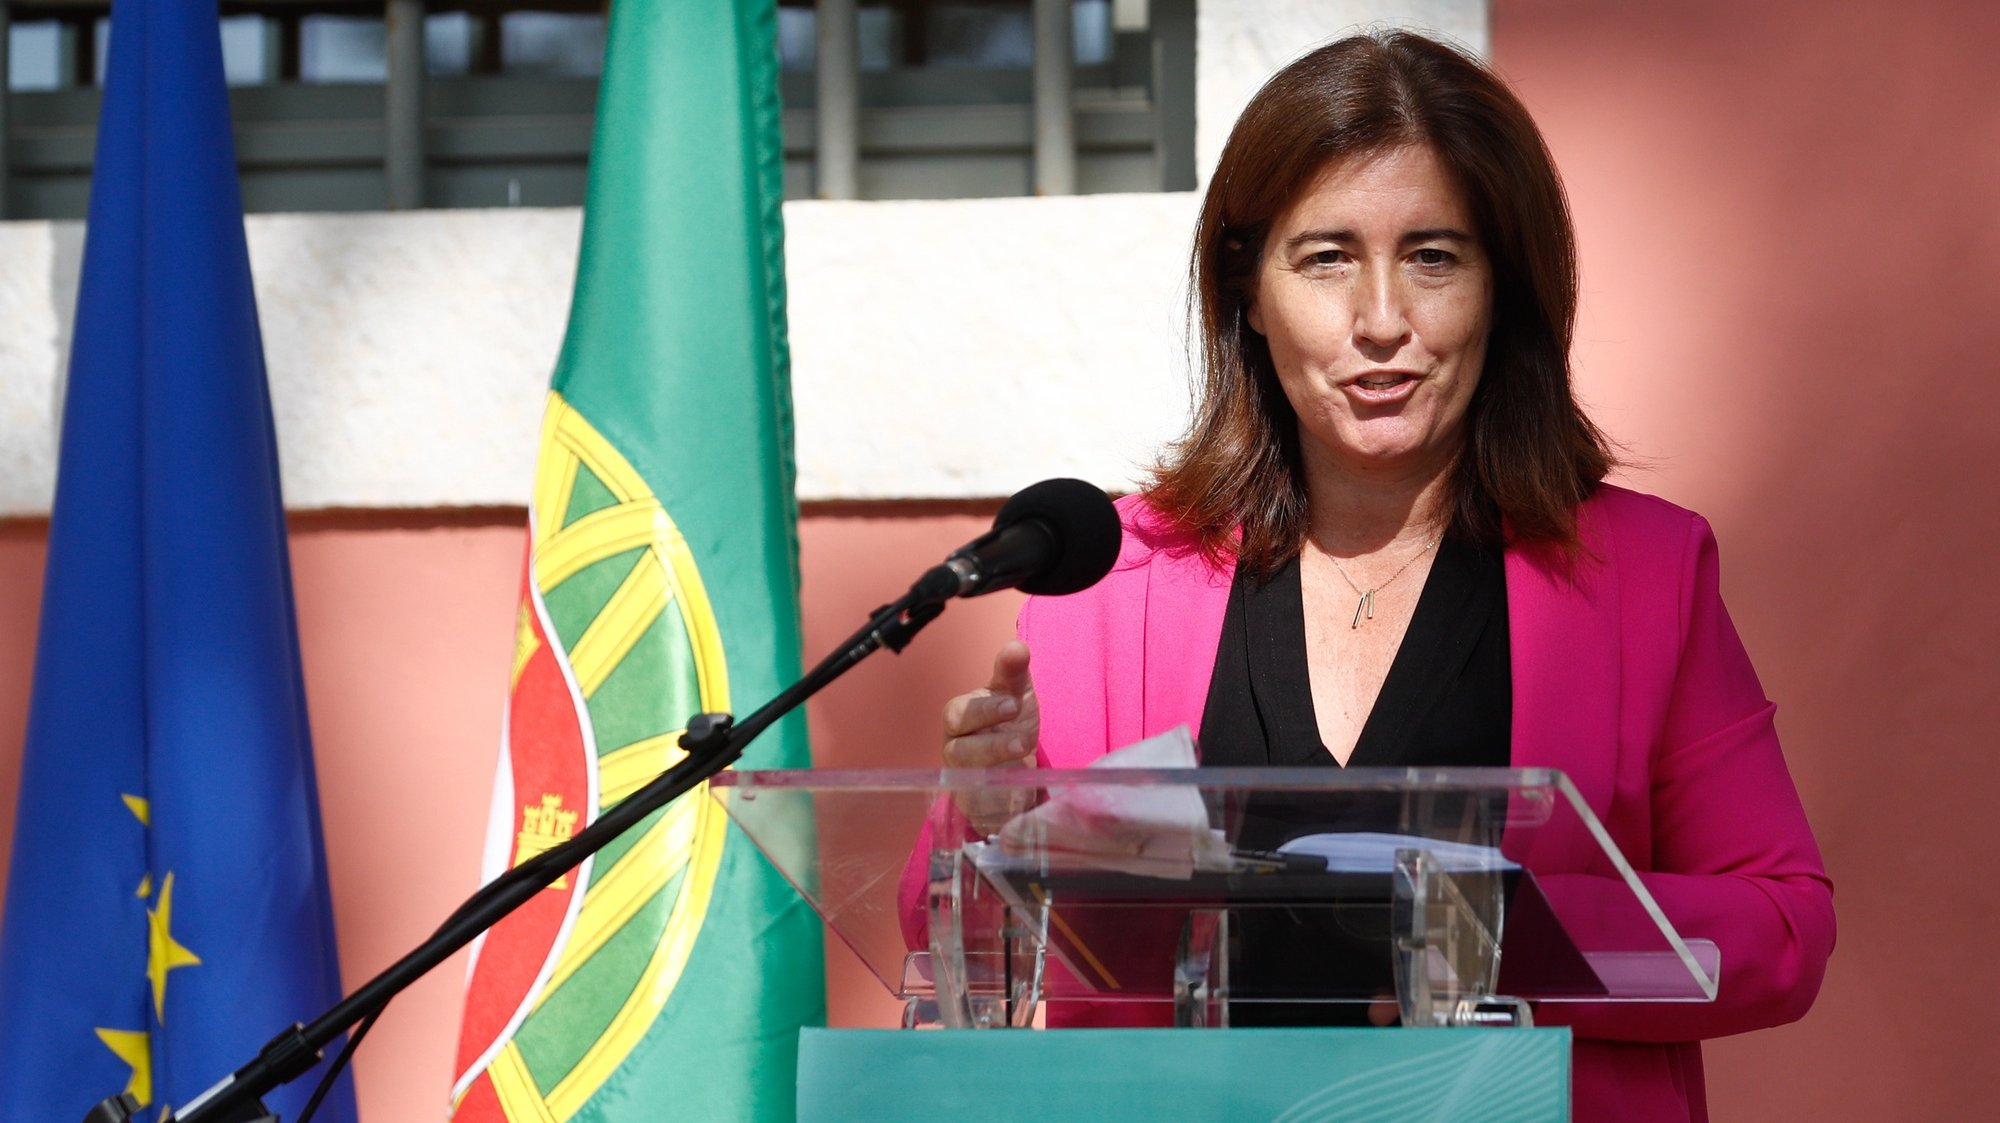 A ministra do Trabalho, Solidariedade e Segurança Social, Ana Mendes Godinho, discursa durante a cerimónia de assinatura do Protocolo do Setor Social e Solidário no âmbito da implementação do Plano de Recuperação e Resiliência (PRR), Lisboa, 21 de julho de 2021. ANTÓNIO COTRIM/LUSA